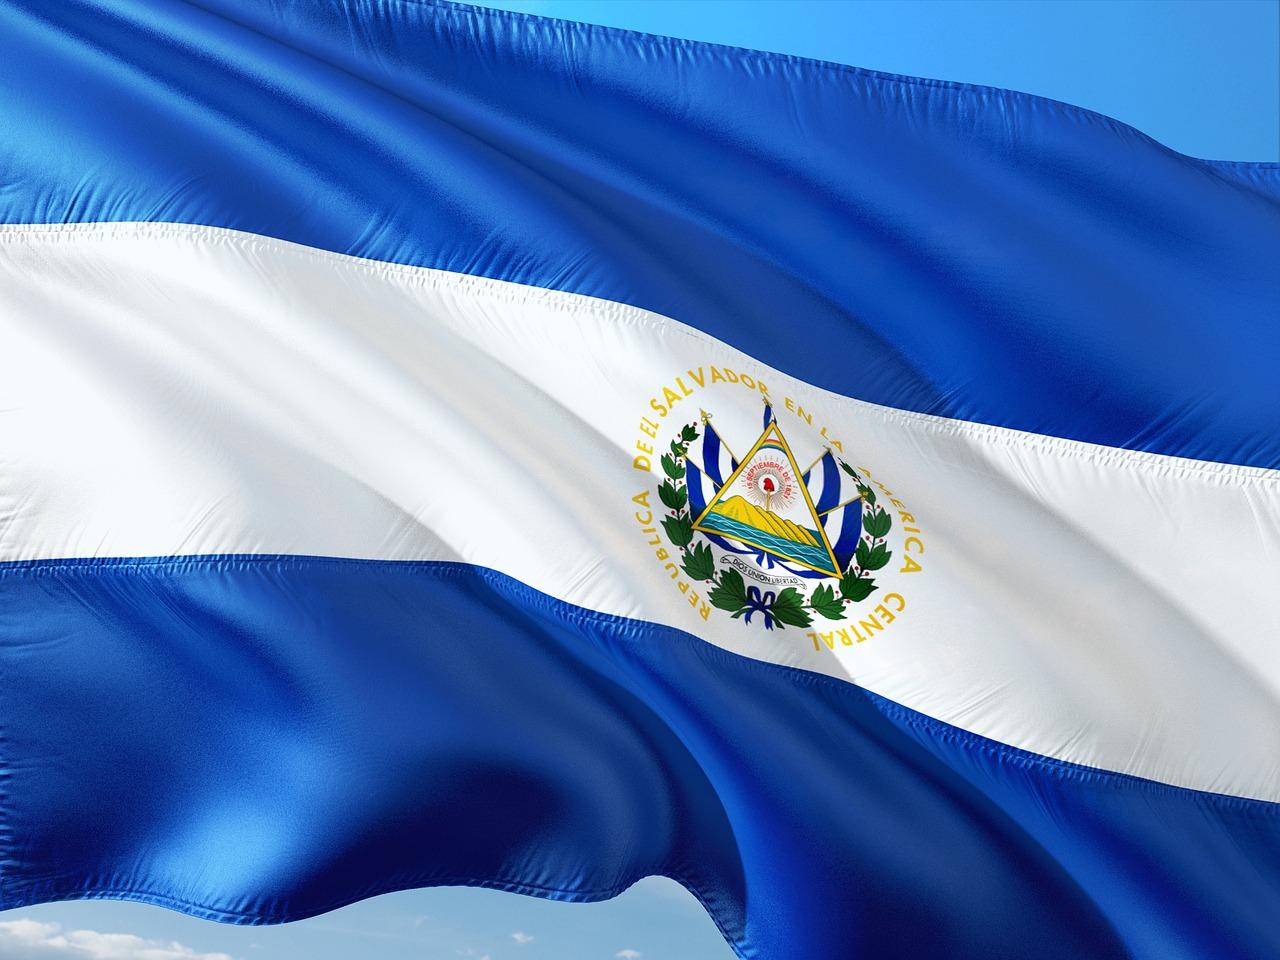 Asamblea Legislativa de El Salvador aprueba fondos por 150 millones de dólares vinculados a la implementación de la Ley Bitcoin